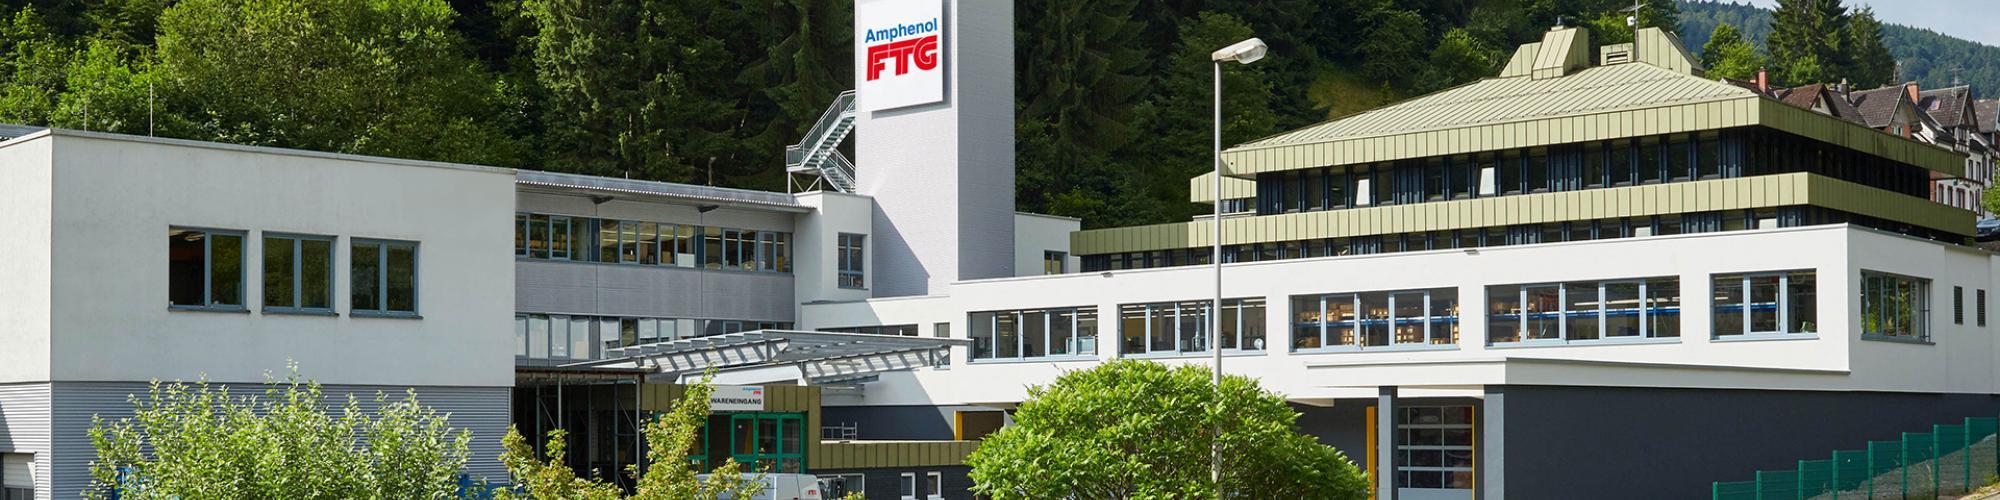 FTG Friedrich Göhringer Elektrotechnik GmbH